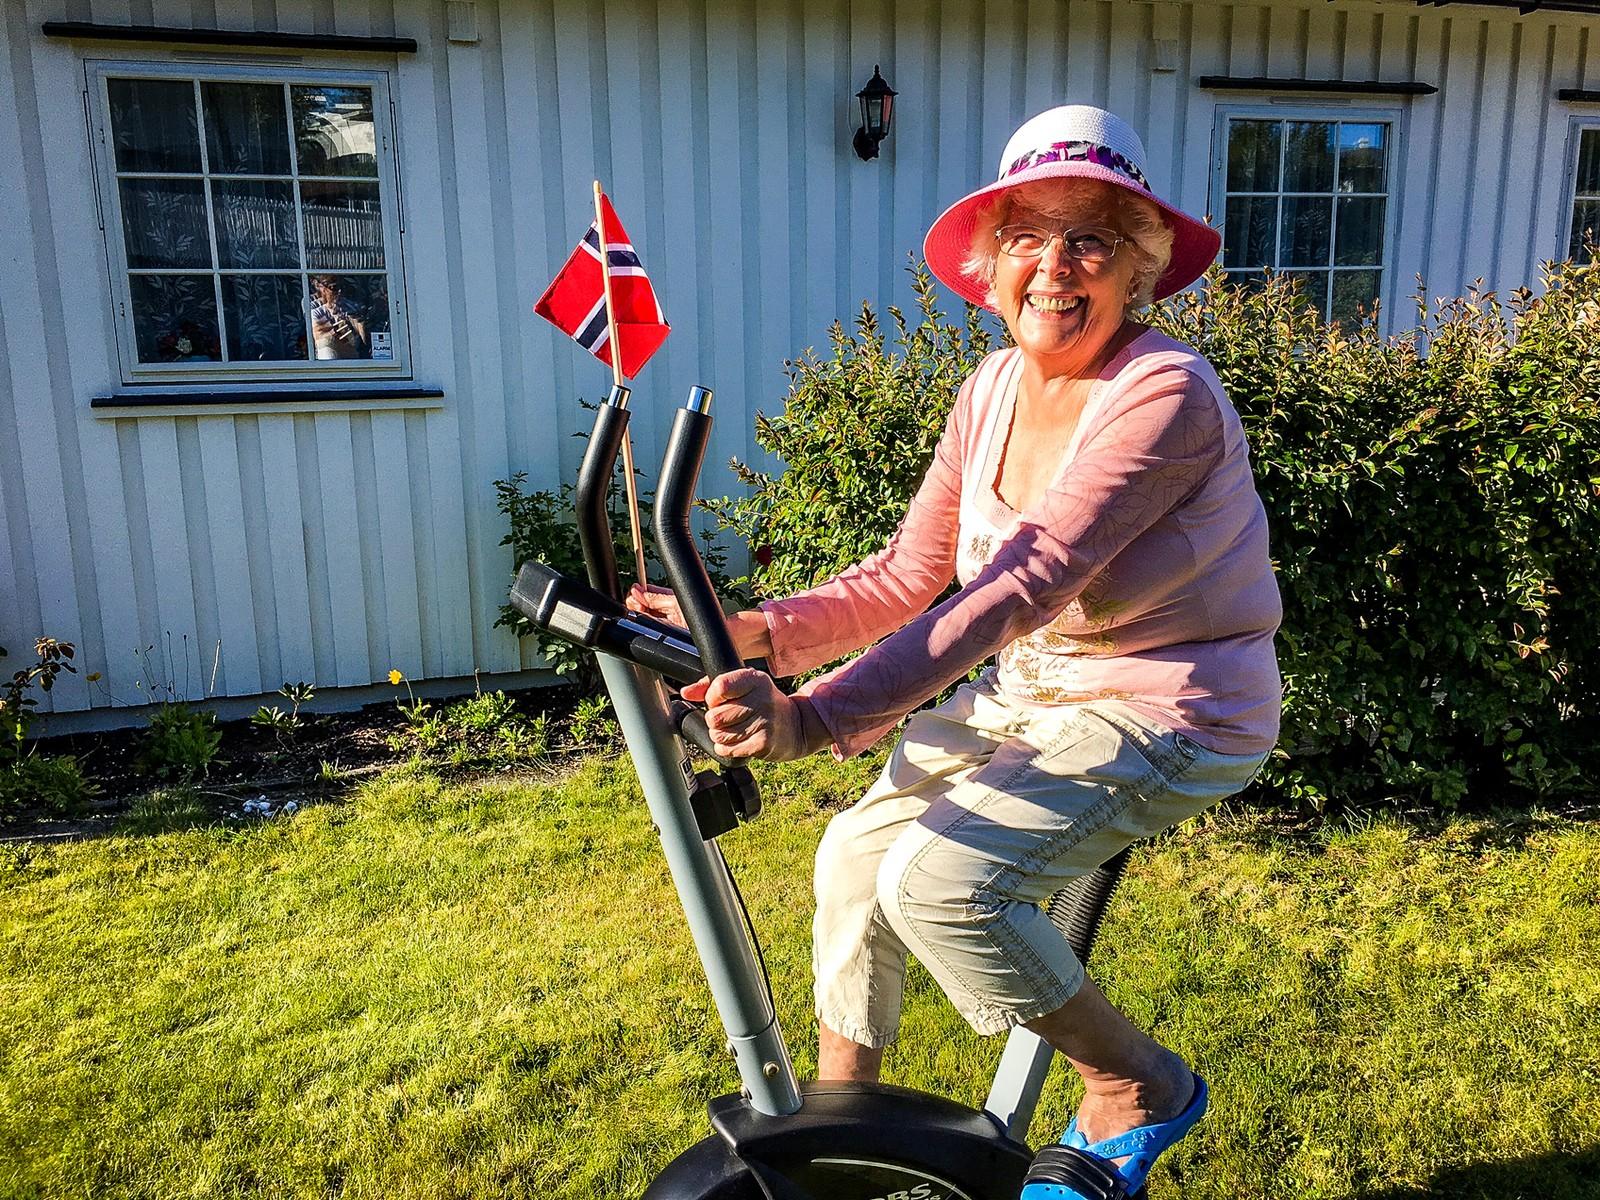 Aud Klæbo følger sykkelrittet syklende på ergometersykkelen i hagen, mens rytterne suser forbi.